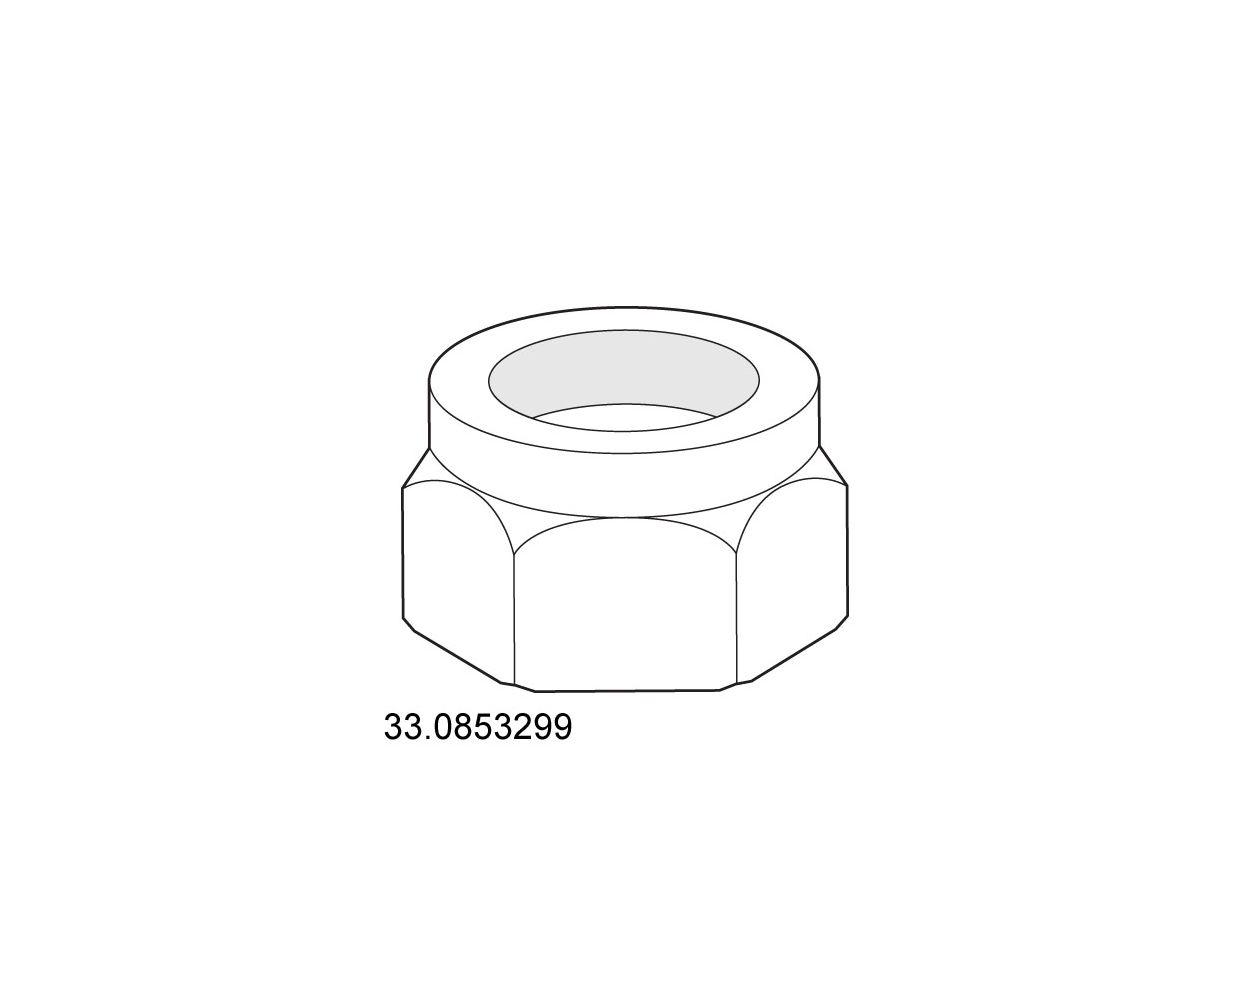 LOCKNUT - M6 10MM W X 6MM HDUP